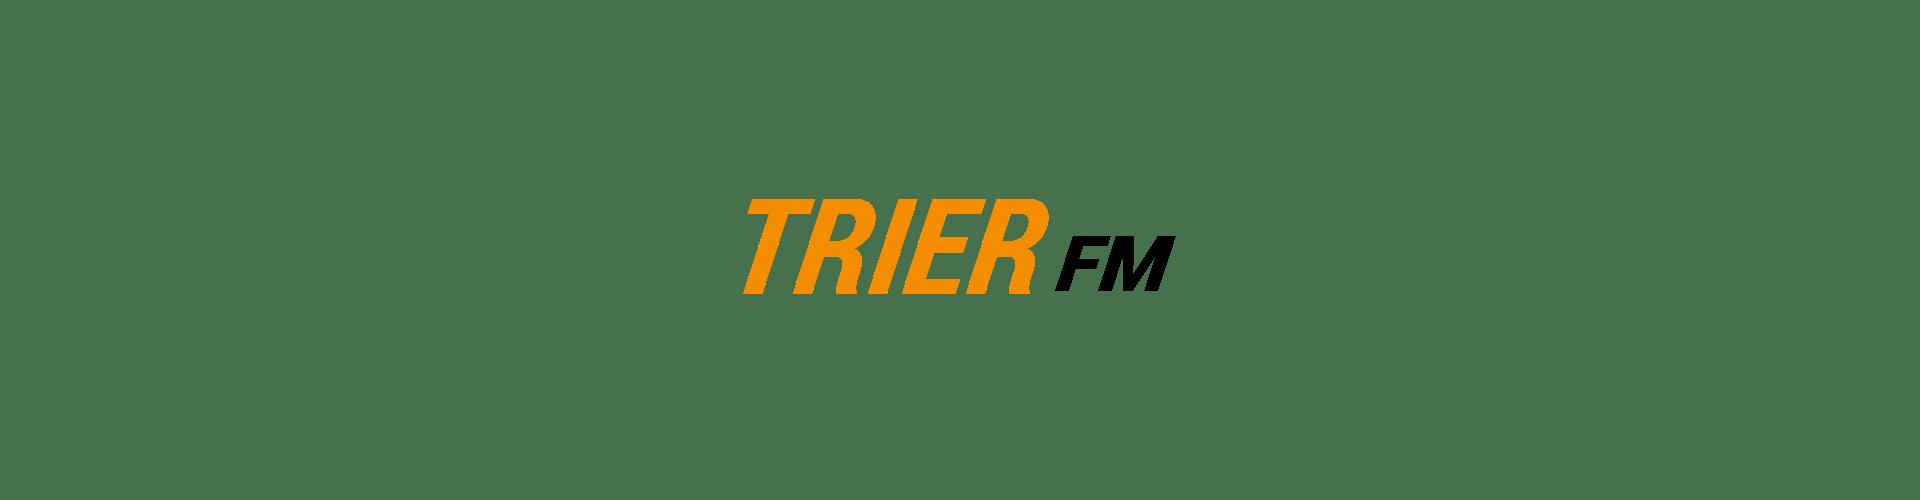 Trier FM